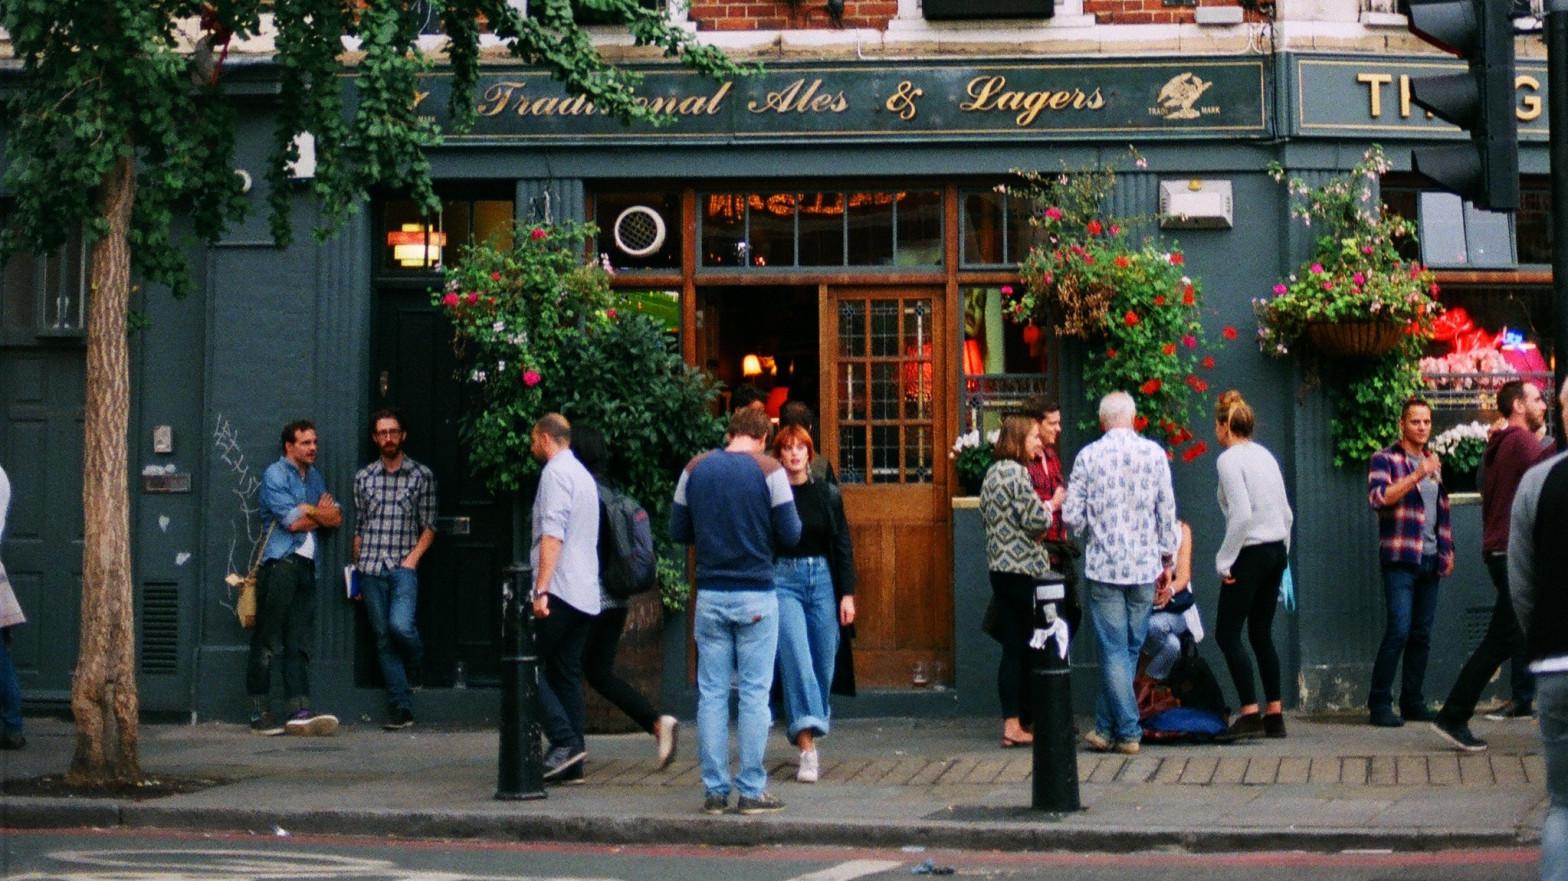 Londres estudia si los pubs británicos deben exigir certificados de vacunas